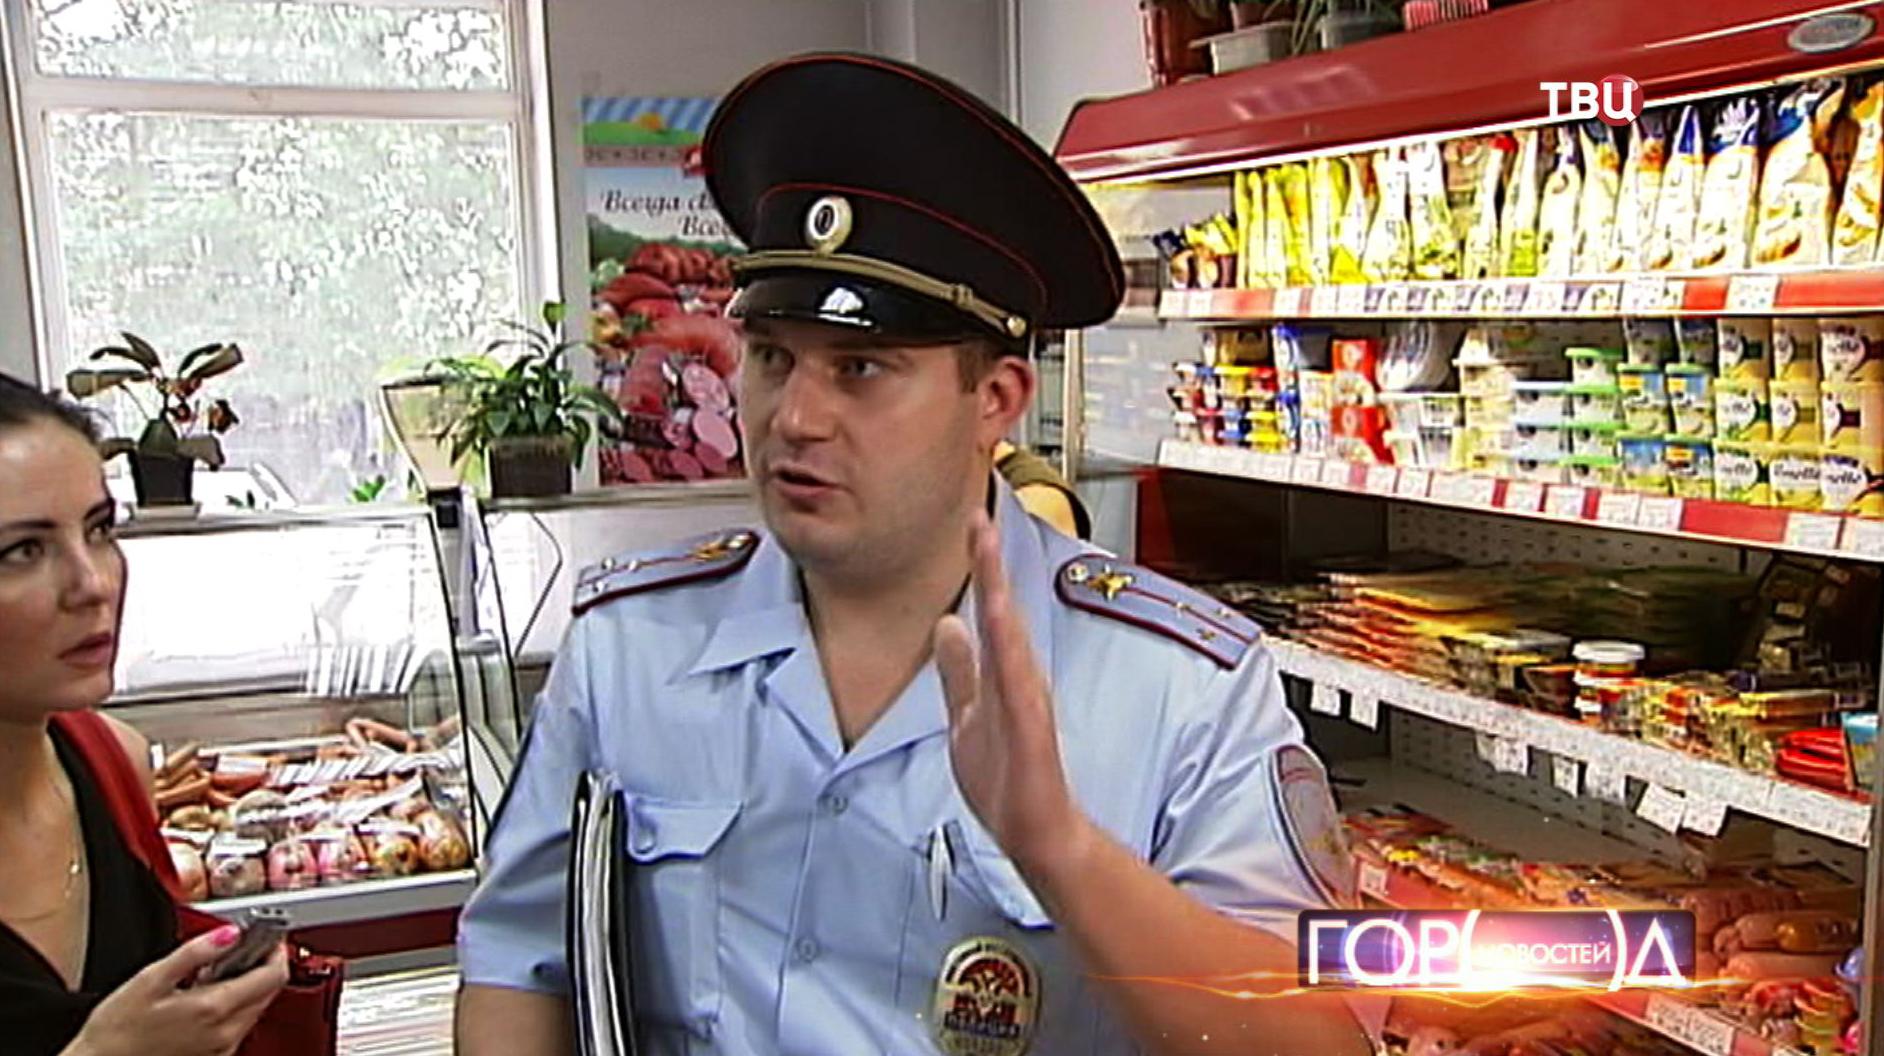 Полиция проверяет лицензию на продажу алкоголя